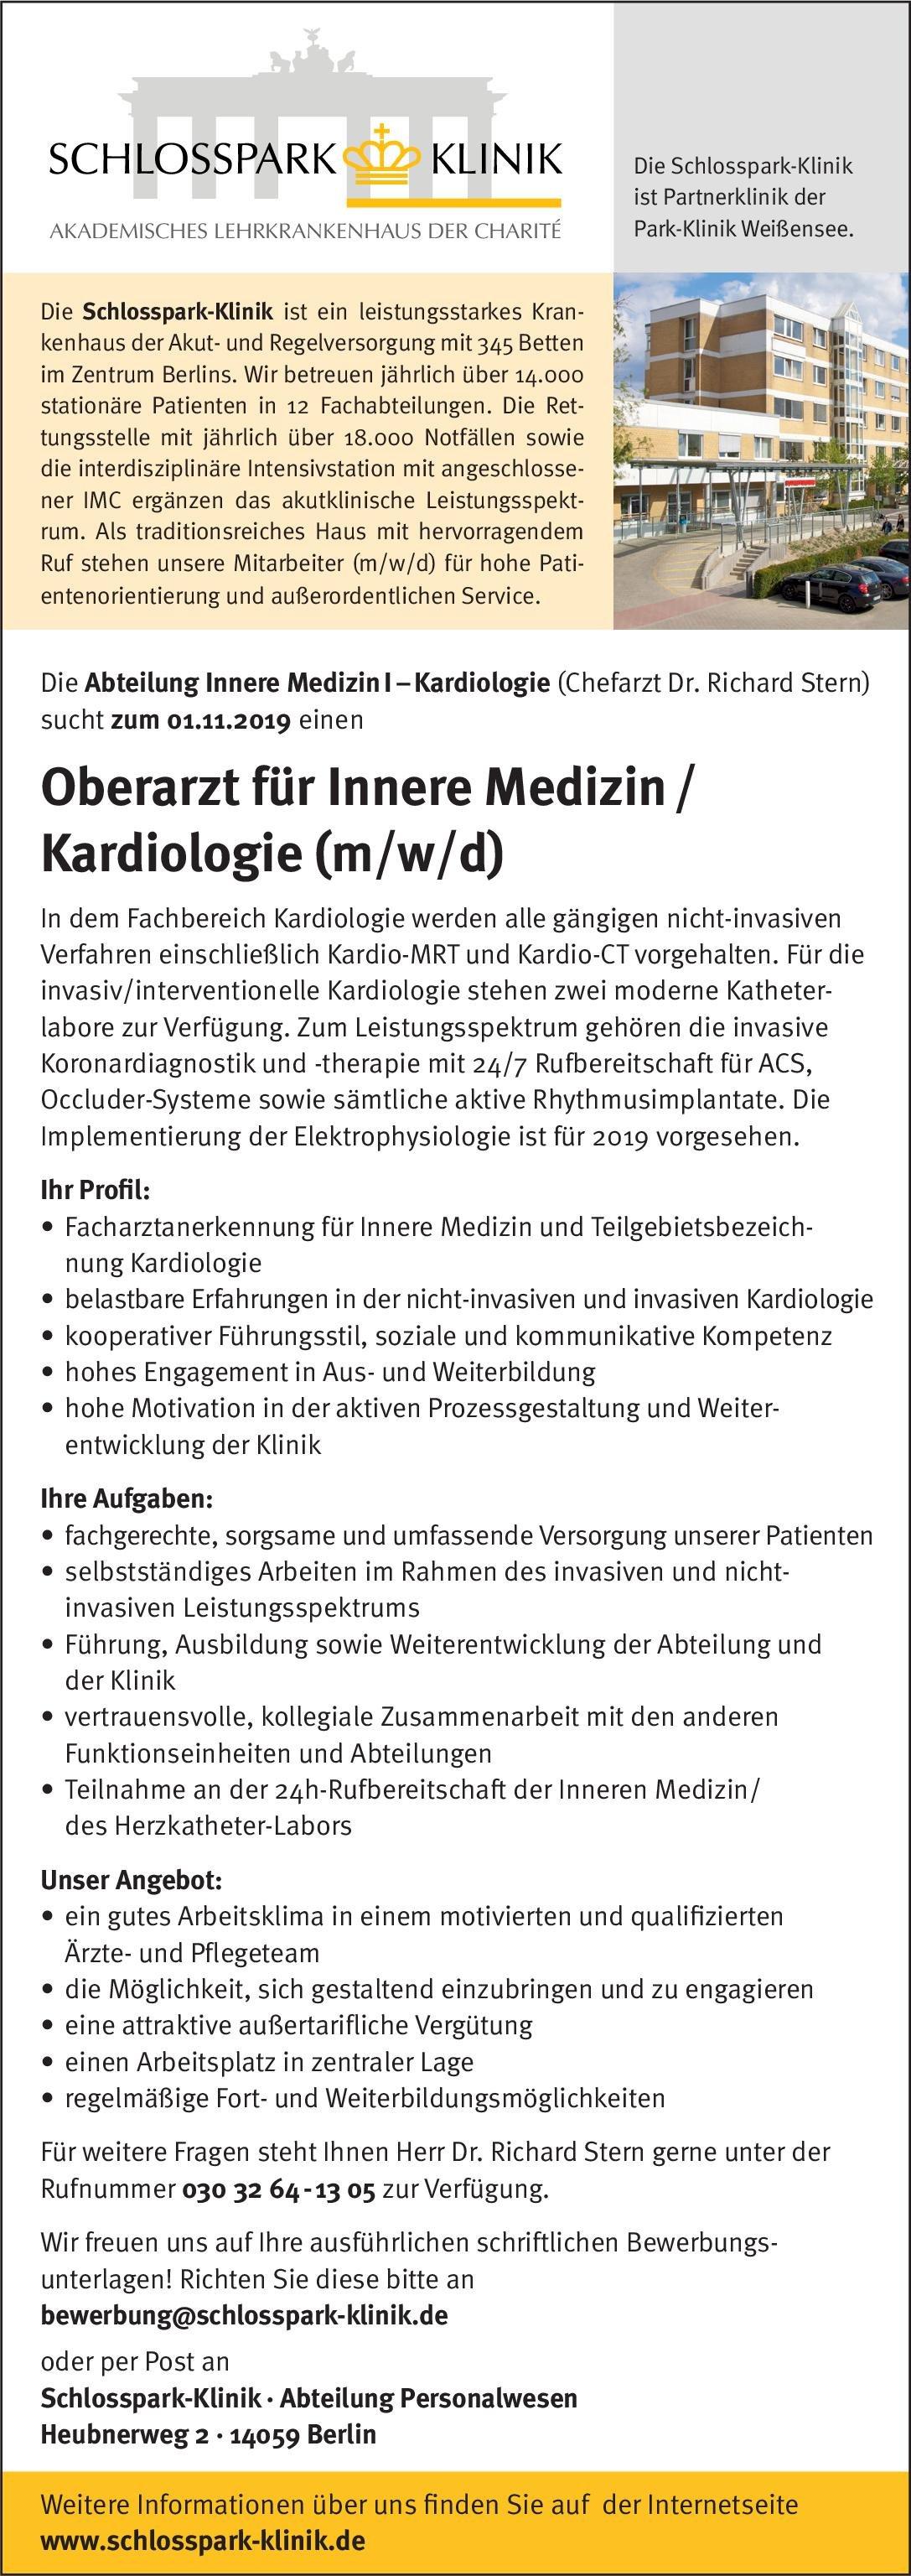 Schlosspark-Klinik Oberarzt für Innere Medizin/Kardiologie (m/w/d)  Innere Medizin und Kardiologie, Innere Medizin Oberarzt